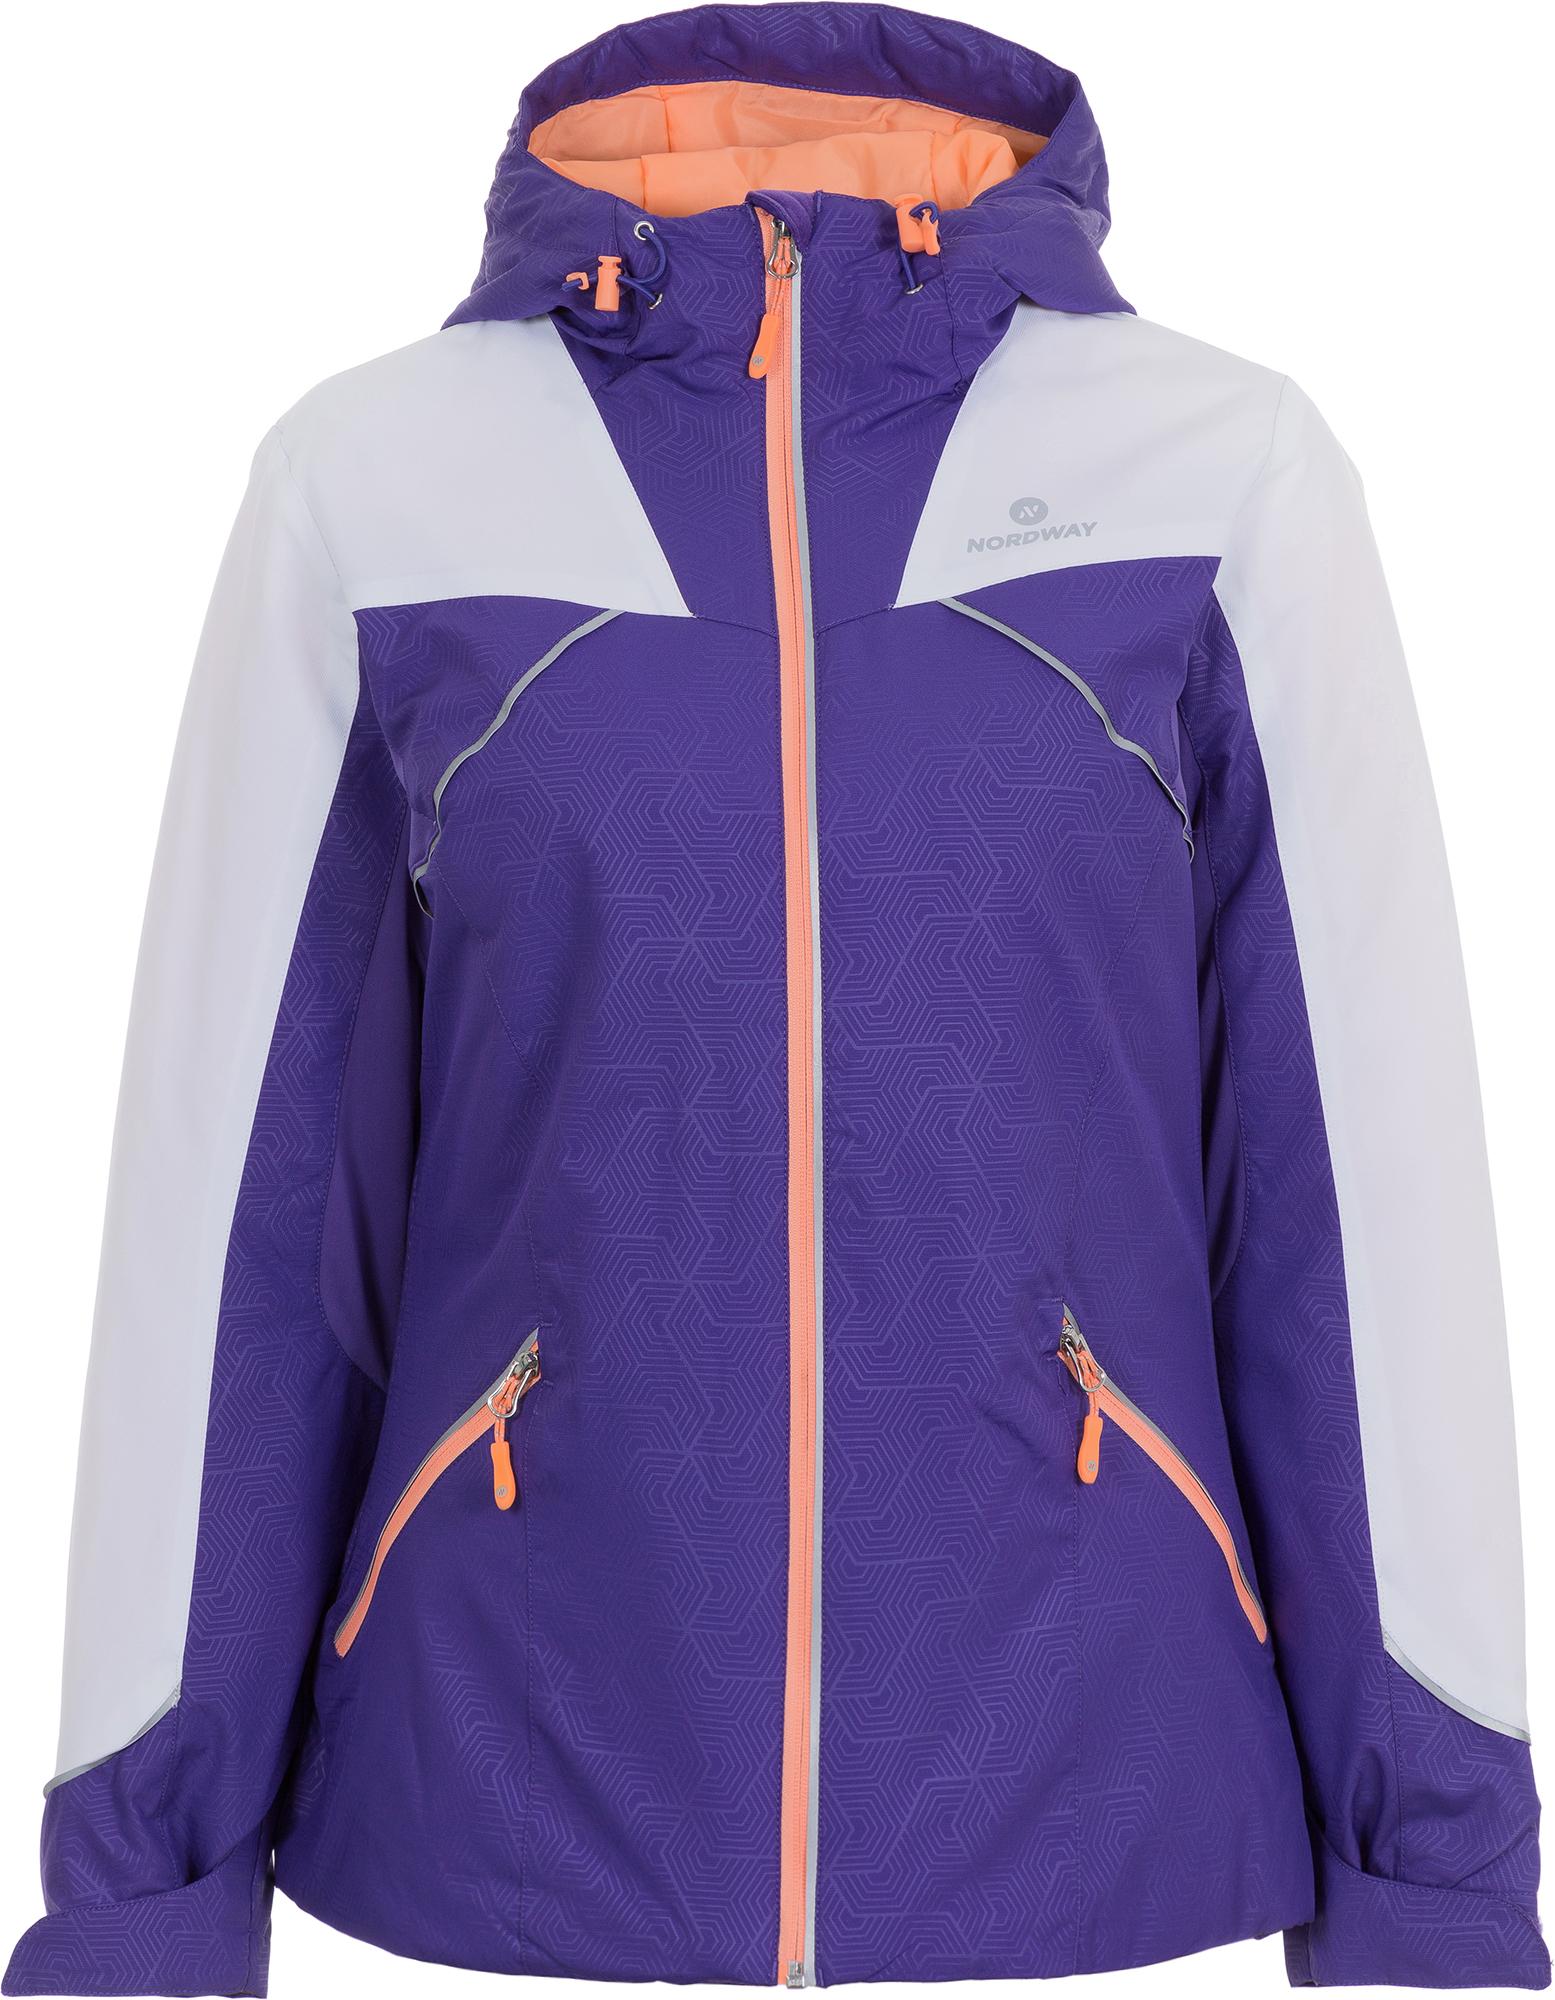 Nordway Куртка утепленная женская Nordway, размер 48 цена